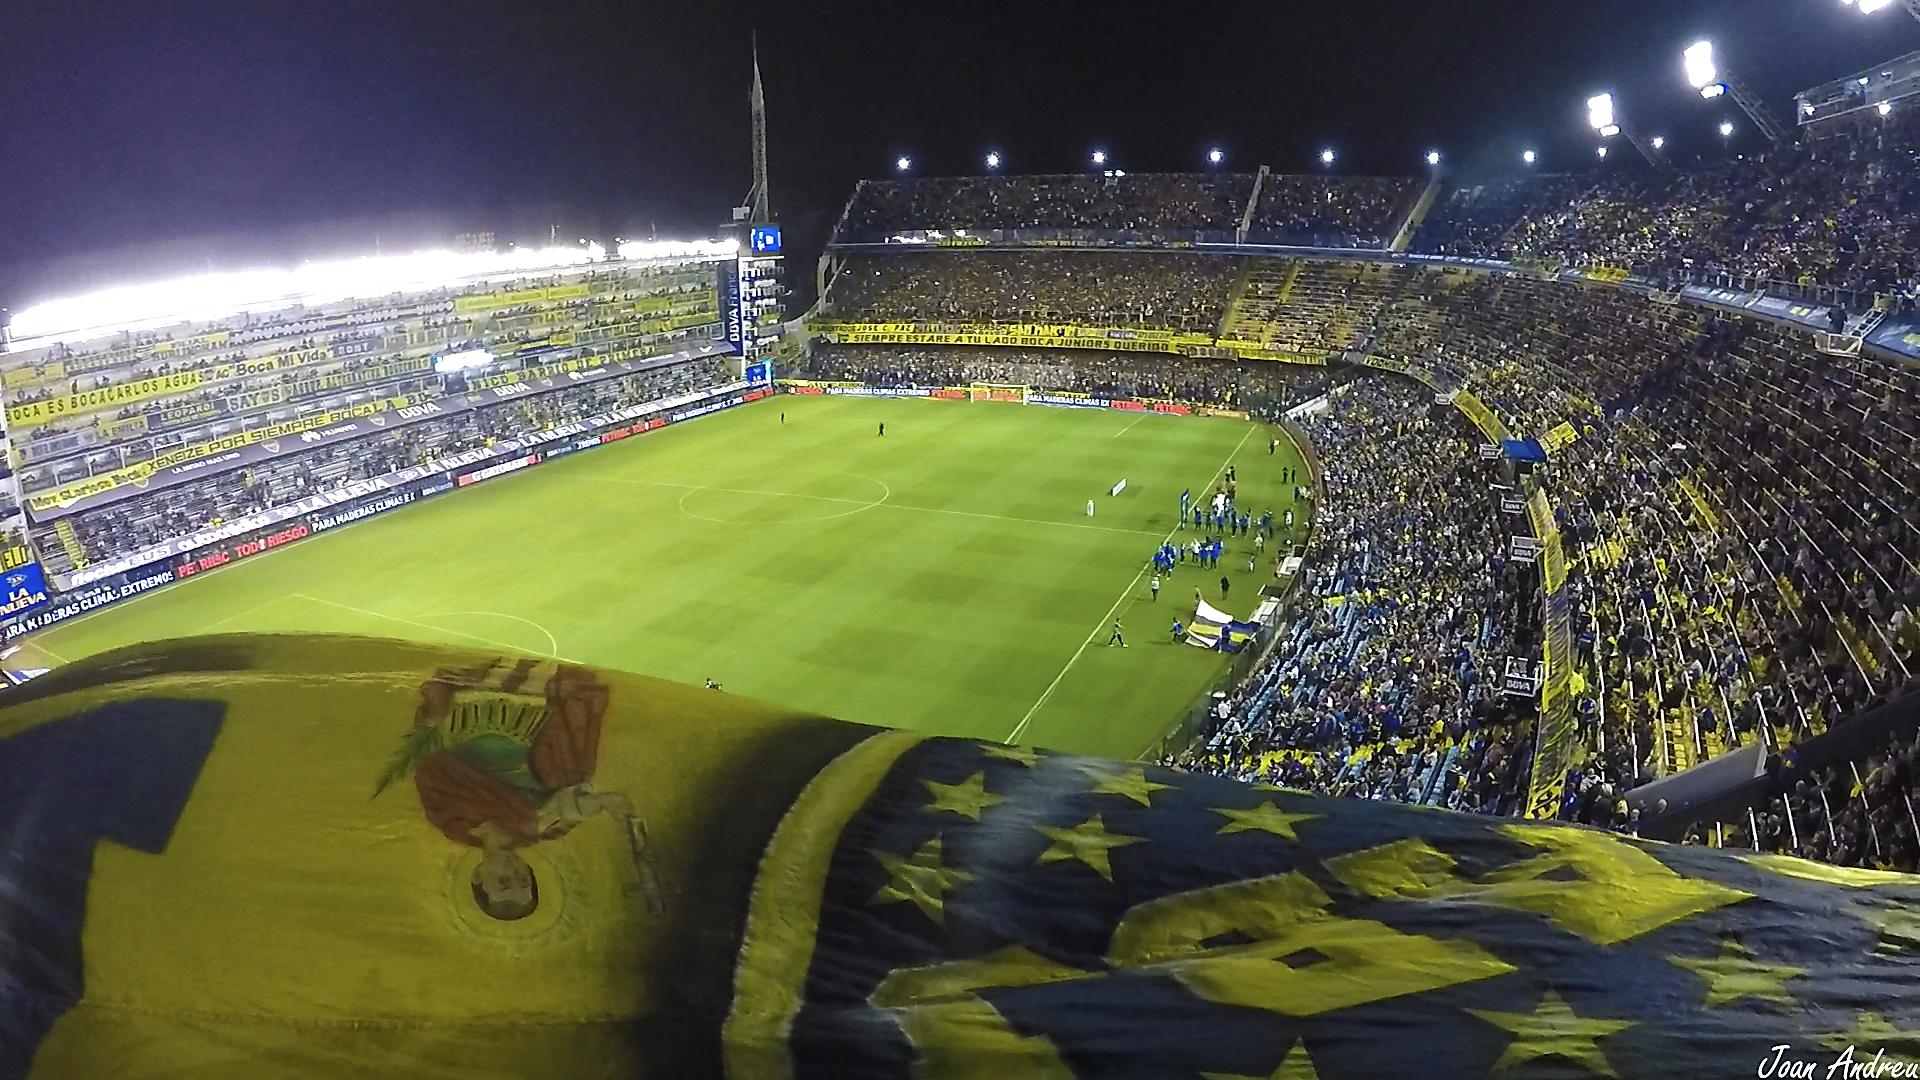 La Bombonera, Buenos Aires